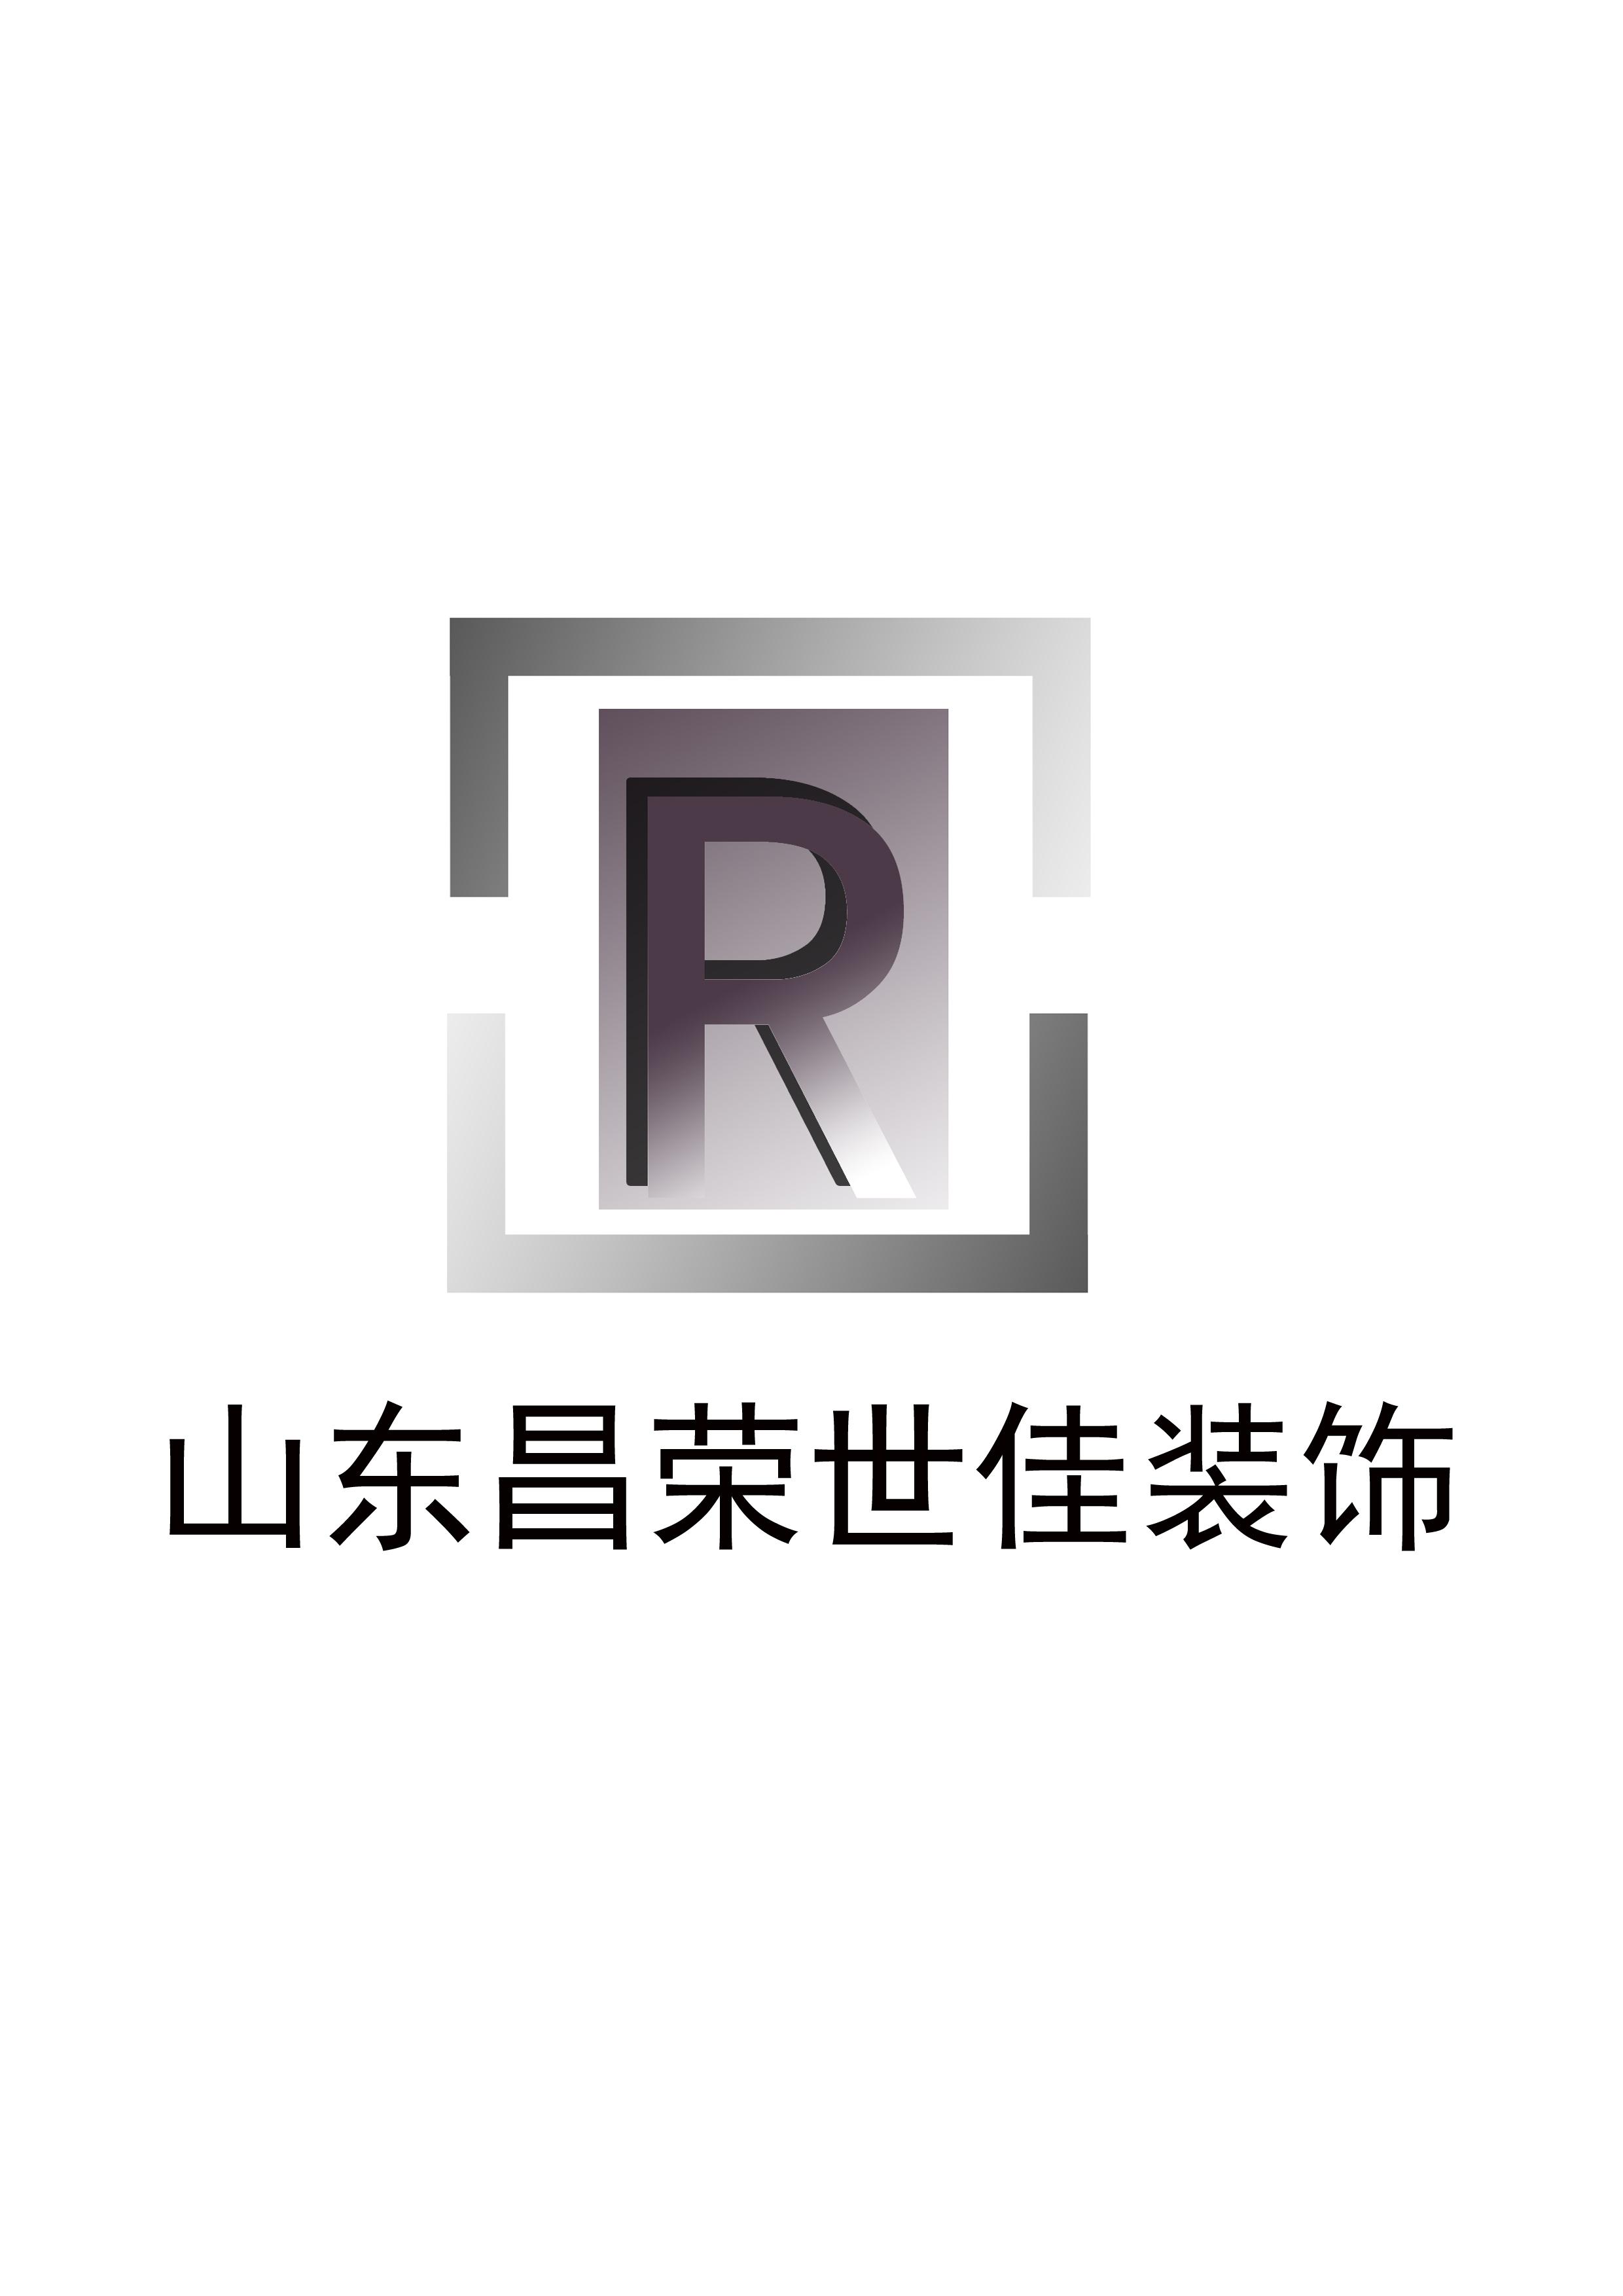 山东昌荣世佳装饰有限公司